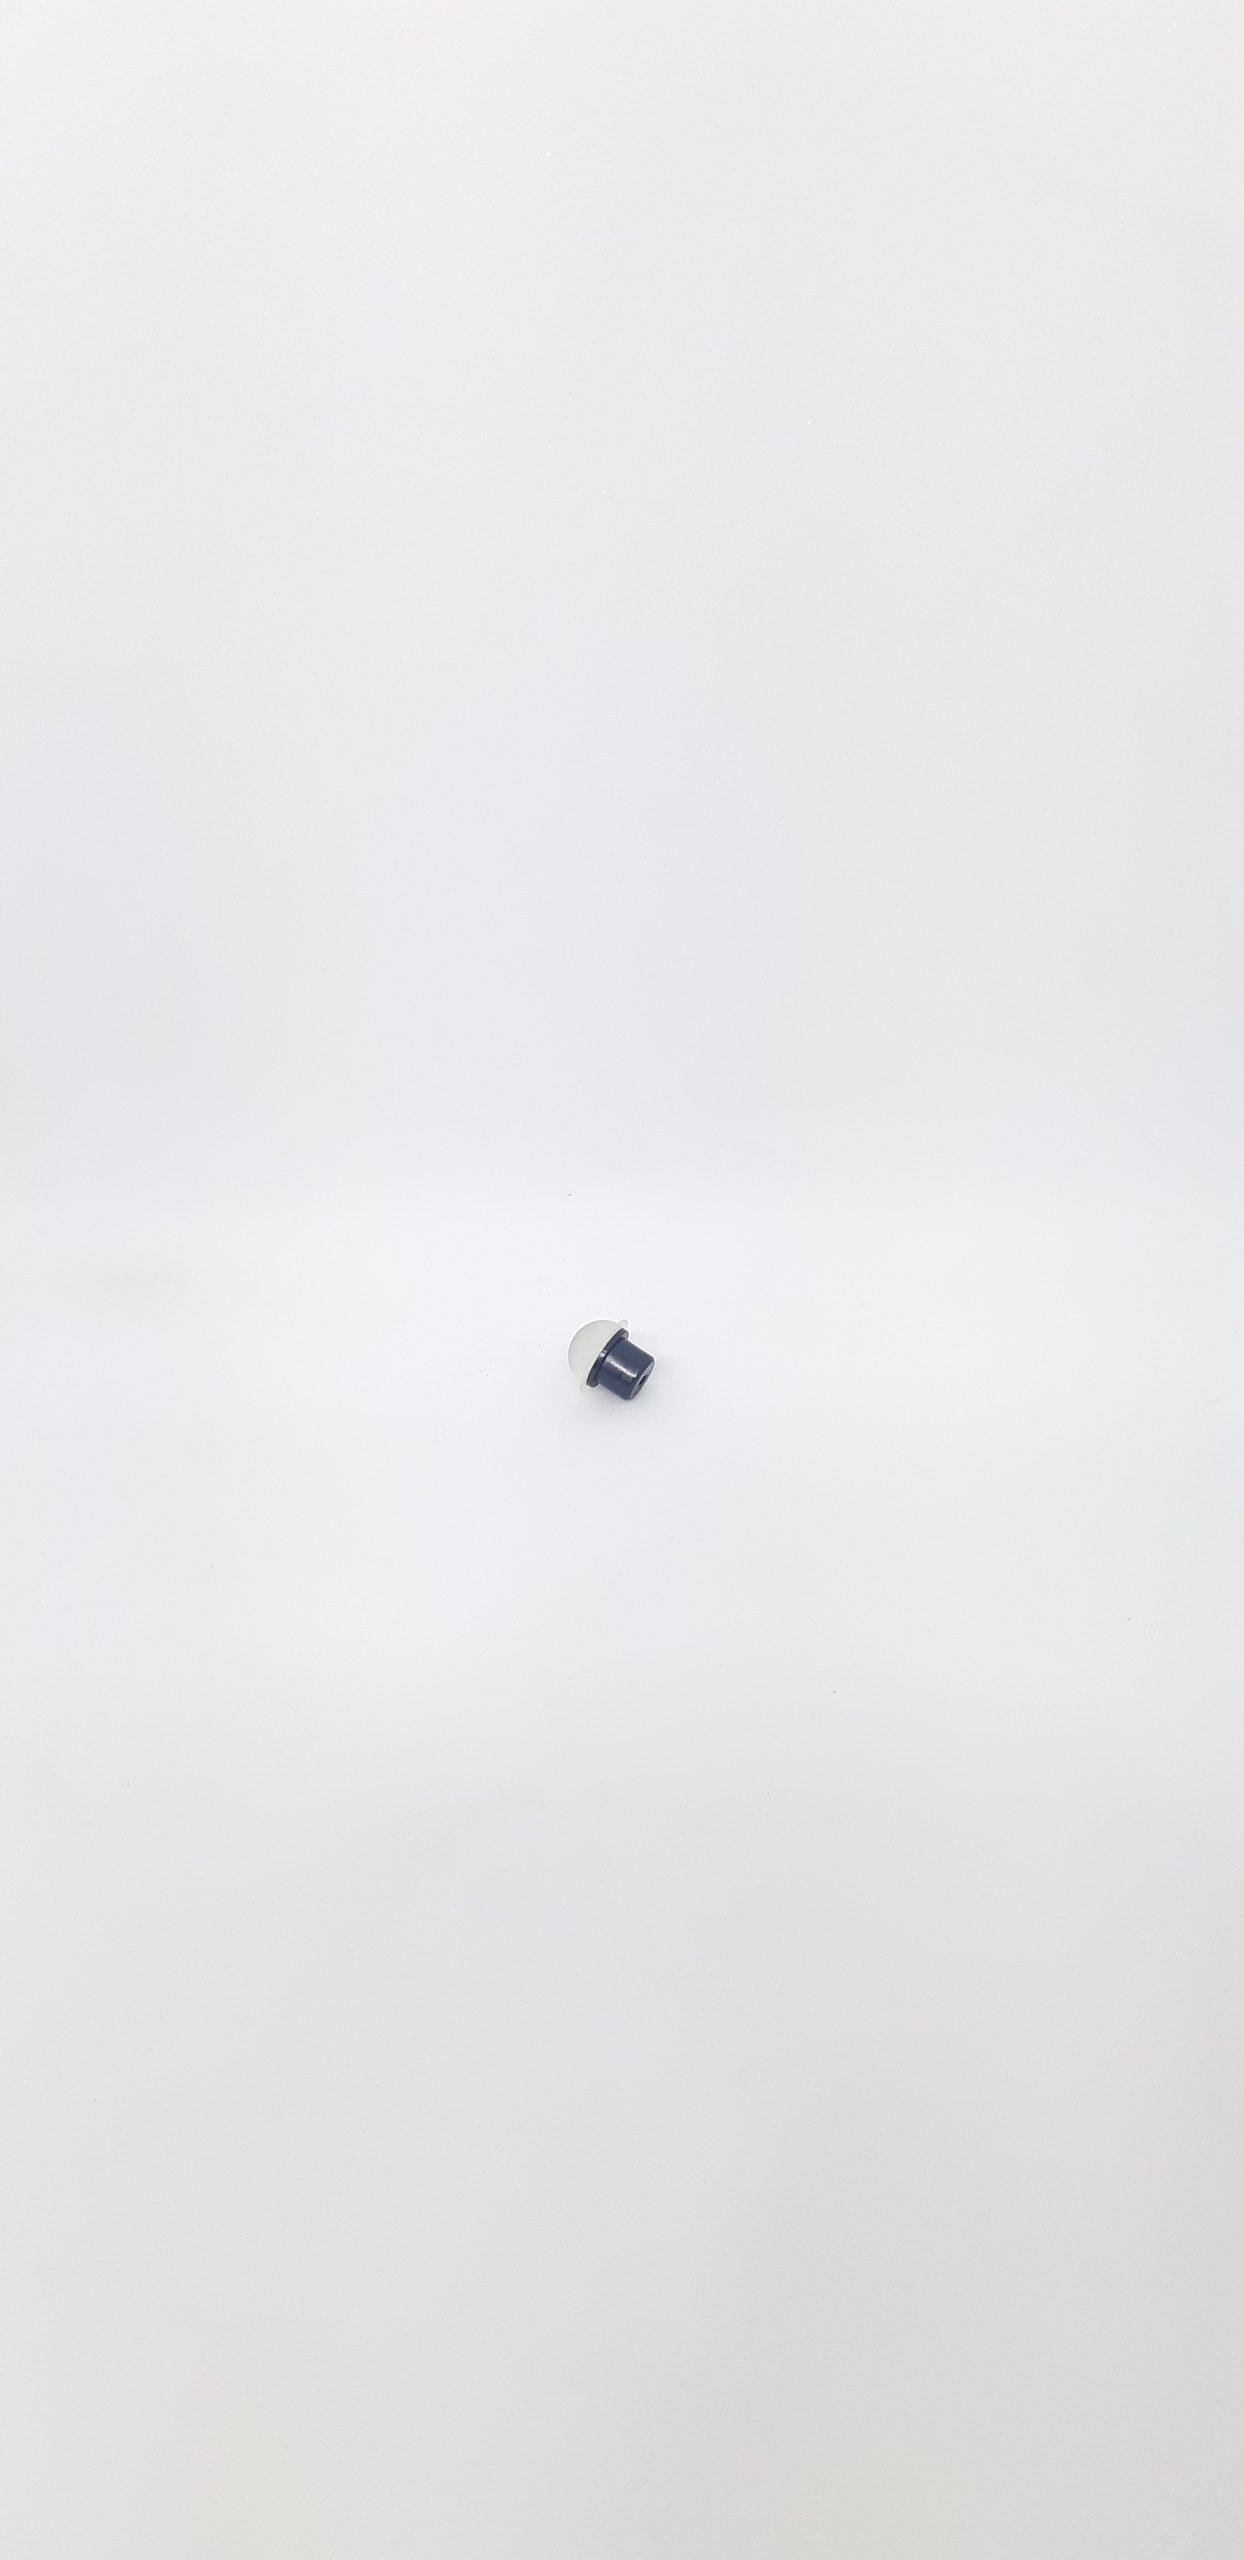 Клапан за Лаваца LB 800 - 10087309